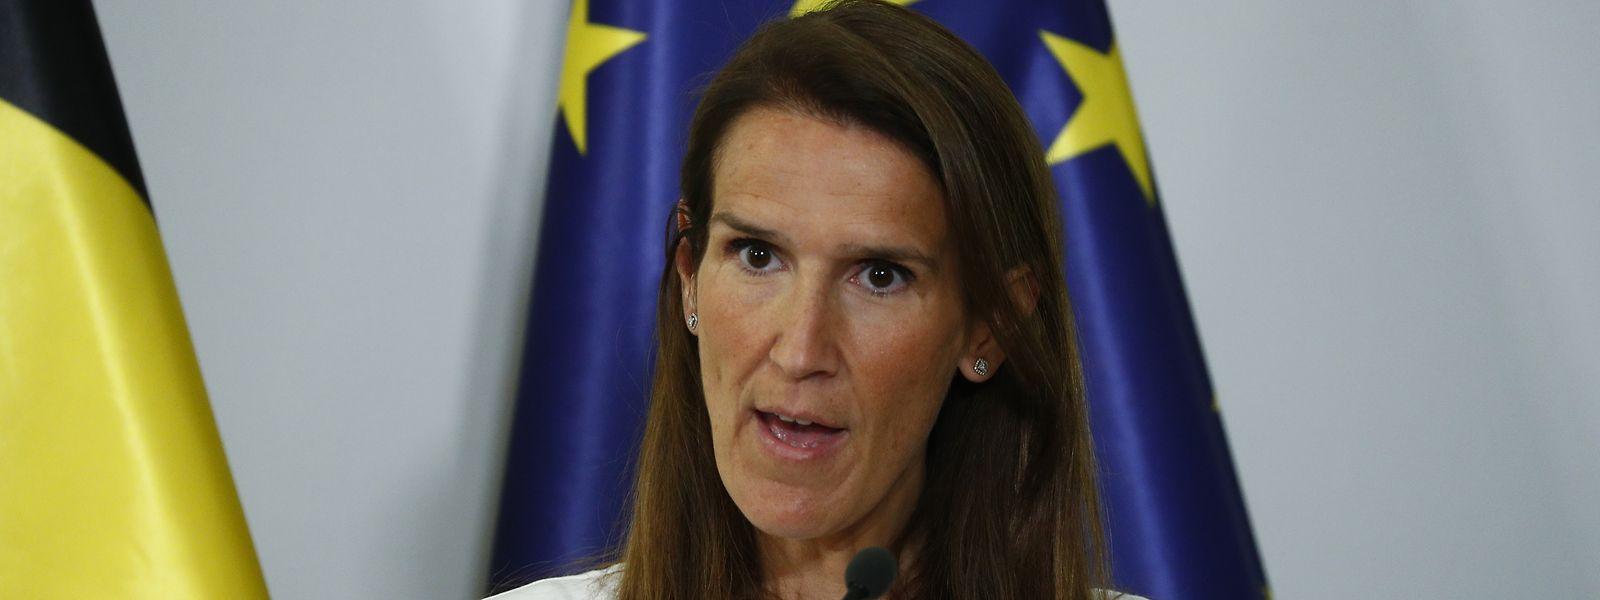 Inquiète du rebond des contaminations en Belgique, Sophie Wilmès s'est adressée mardi soir au peuple belge